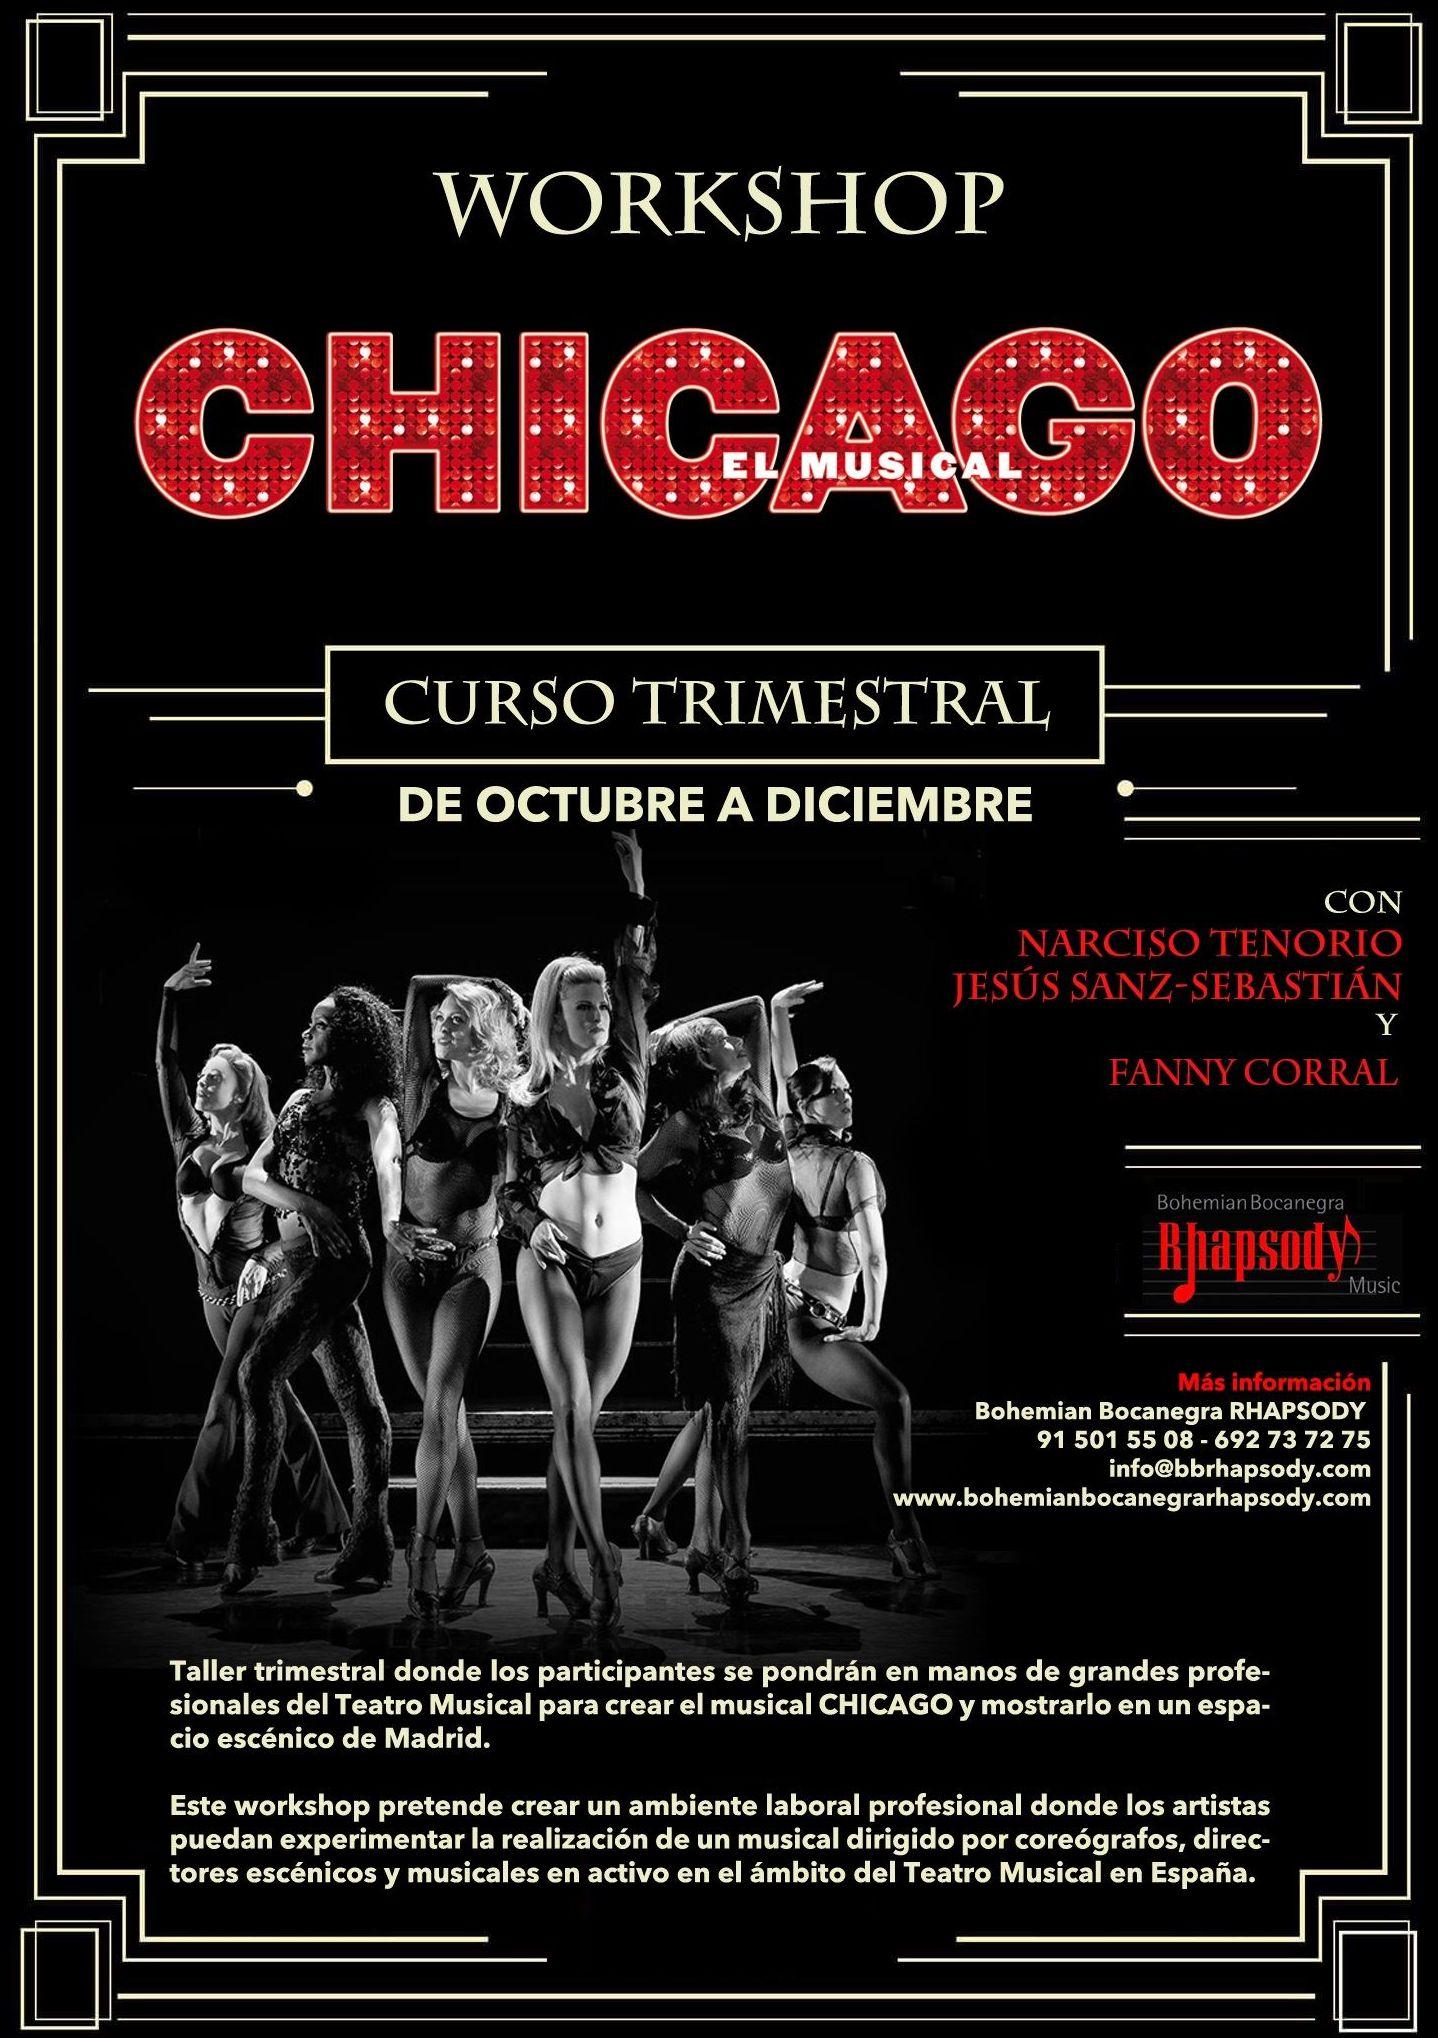 """Workshop de """"CHICAGO""""  (Montaje de una obra musical) con Jesús Sanz-Sebastián, Narciso Tenorio y Fanny Corral. <<< Próximo programado (octubre-diciembre 2015) >>>"""